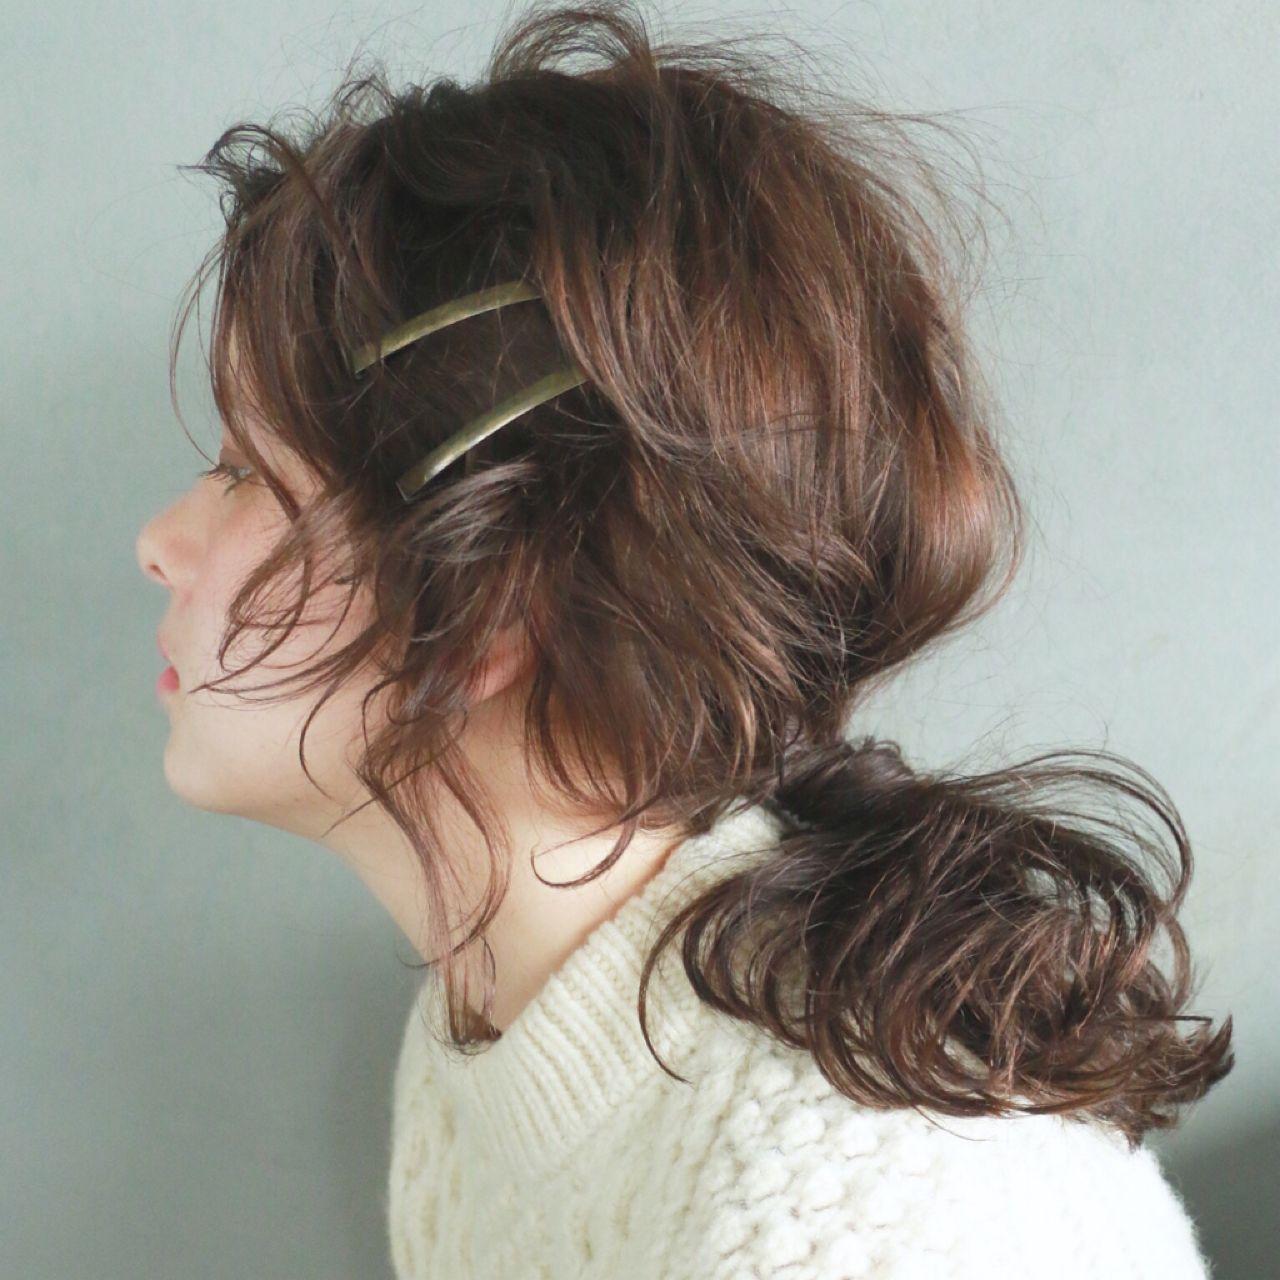 ミディアム 大人かわいい パーティ ヘアアレンジ ヘアスタイルや髪型の写真・画像 | 高橋 忍 / nanuk渋谷店(ナヌーク)